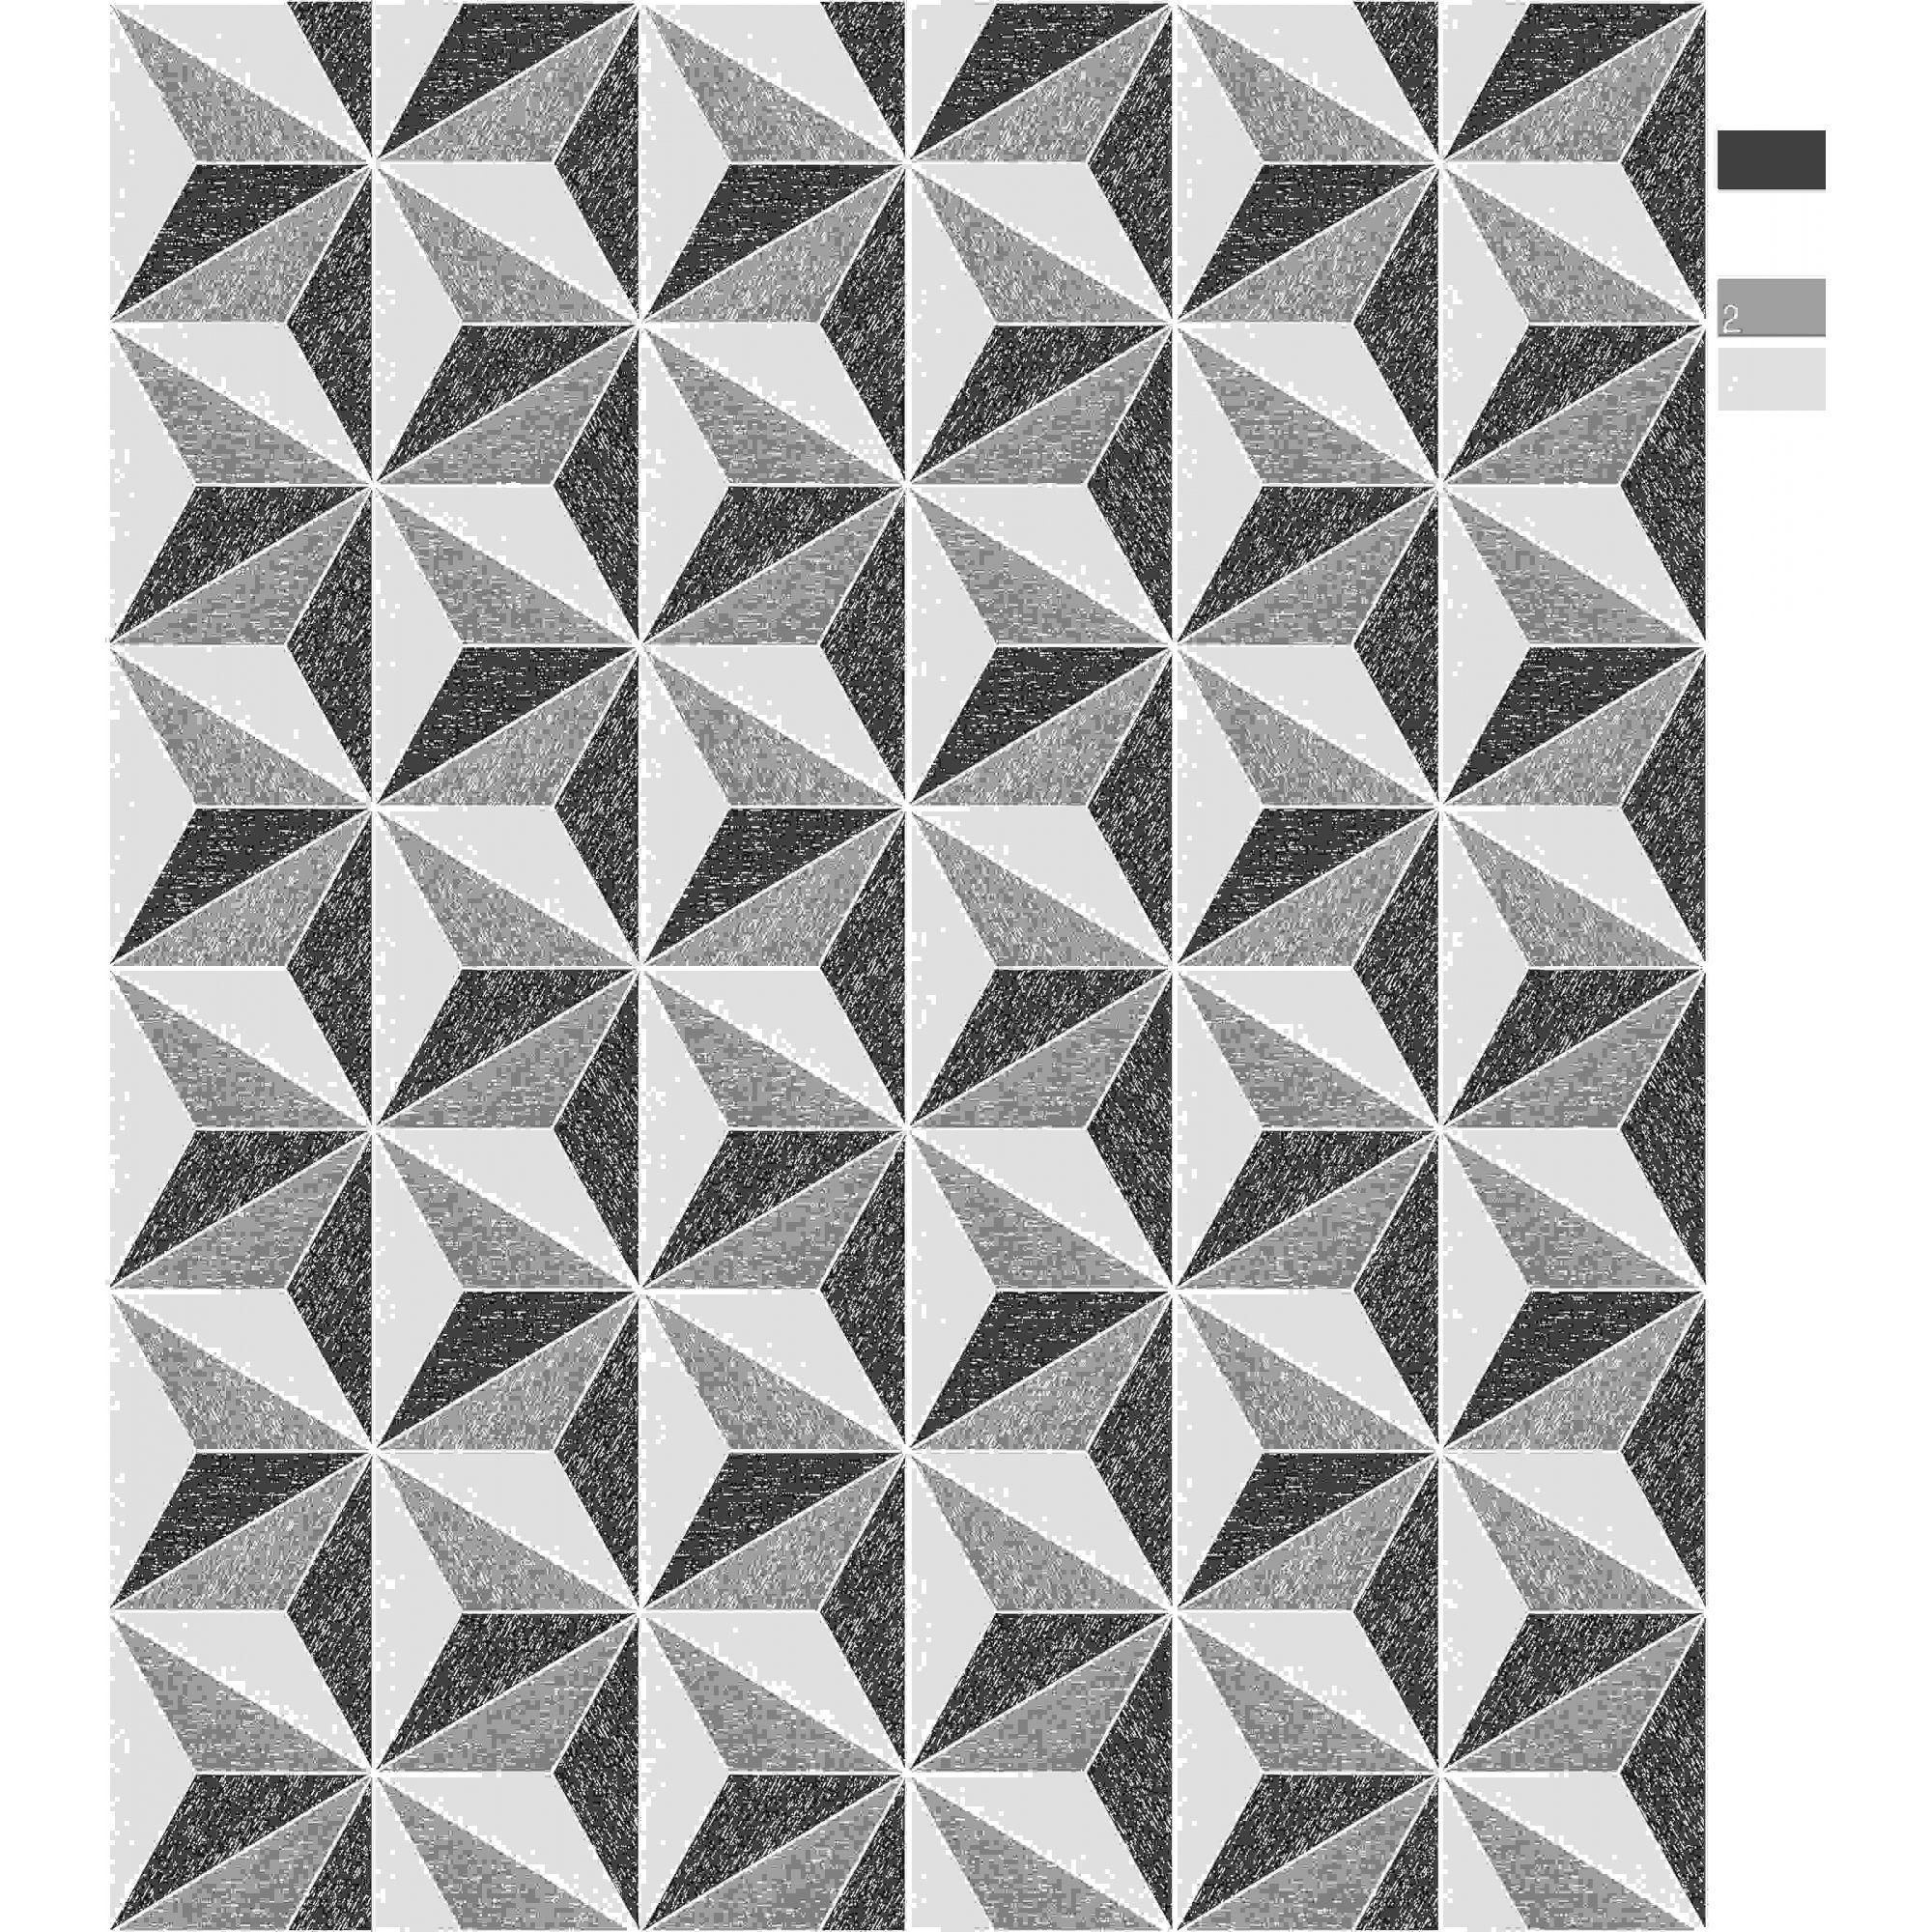 Papel de Parede Kan Tai Vinílico Coleção Neonature 5 Geométrico Estrela Marrom, Cinza, Crème